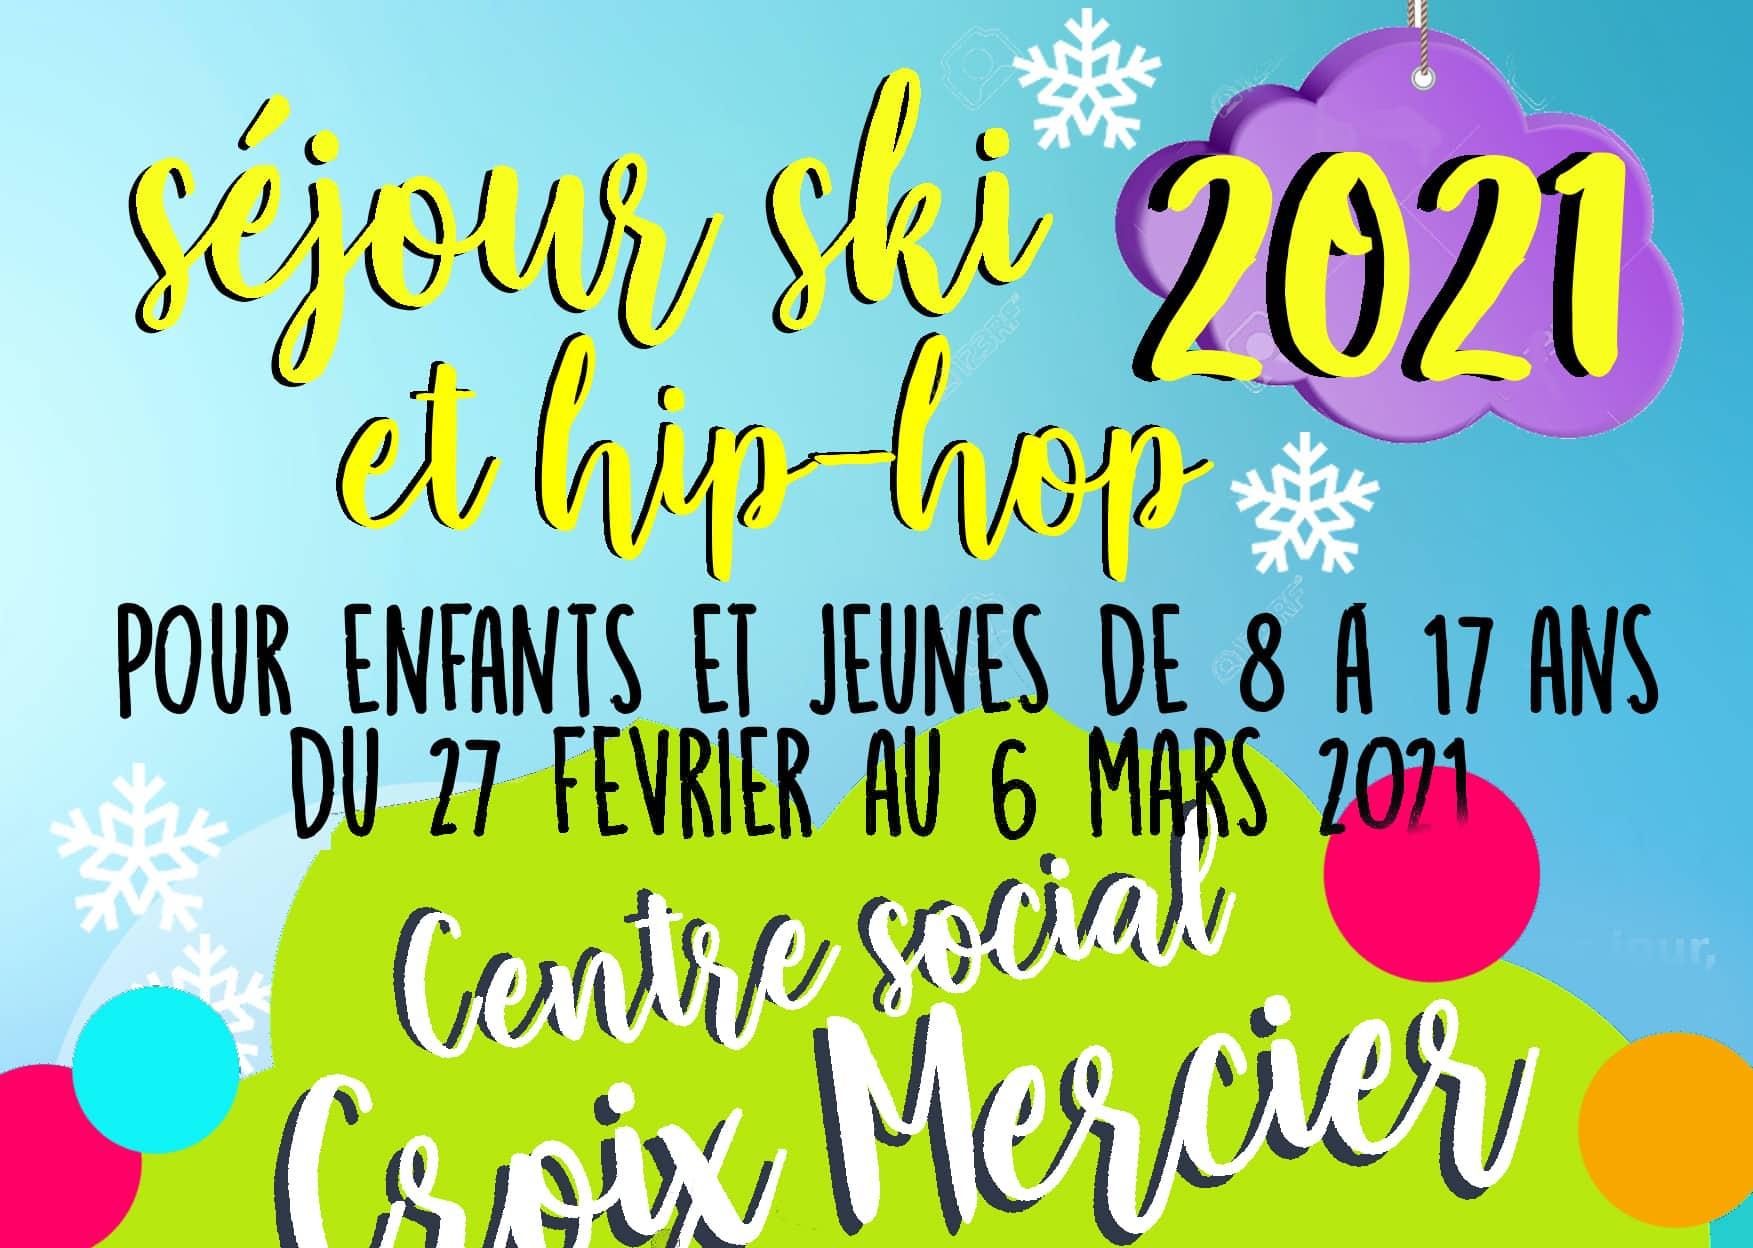 Séjour ski et hip hop pour les enfants de 8 à 17 ans à Saint Gervais les Bains